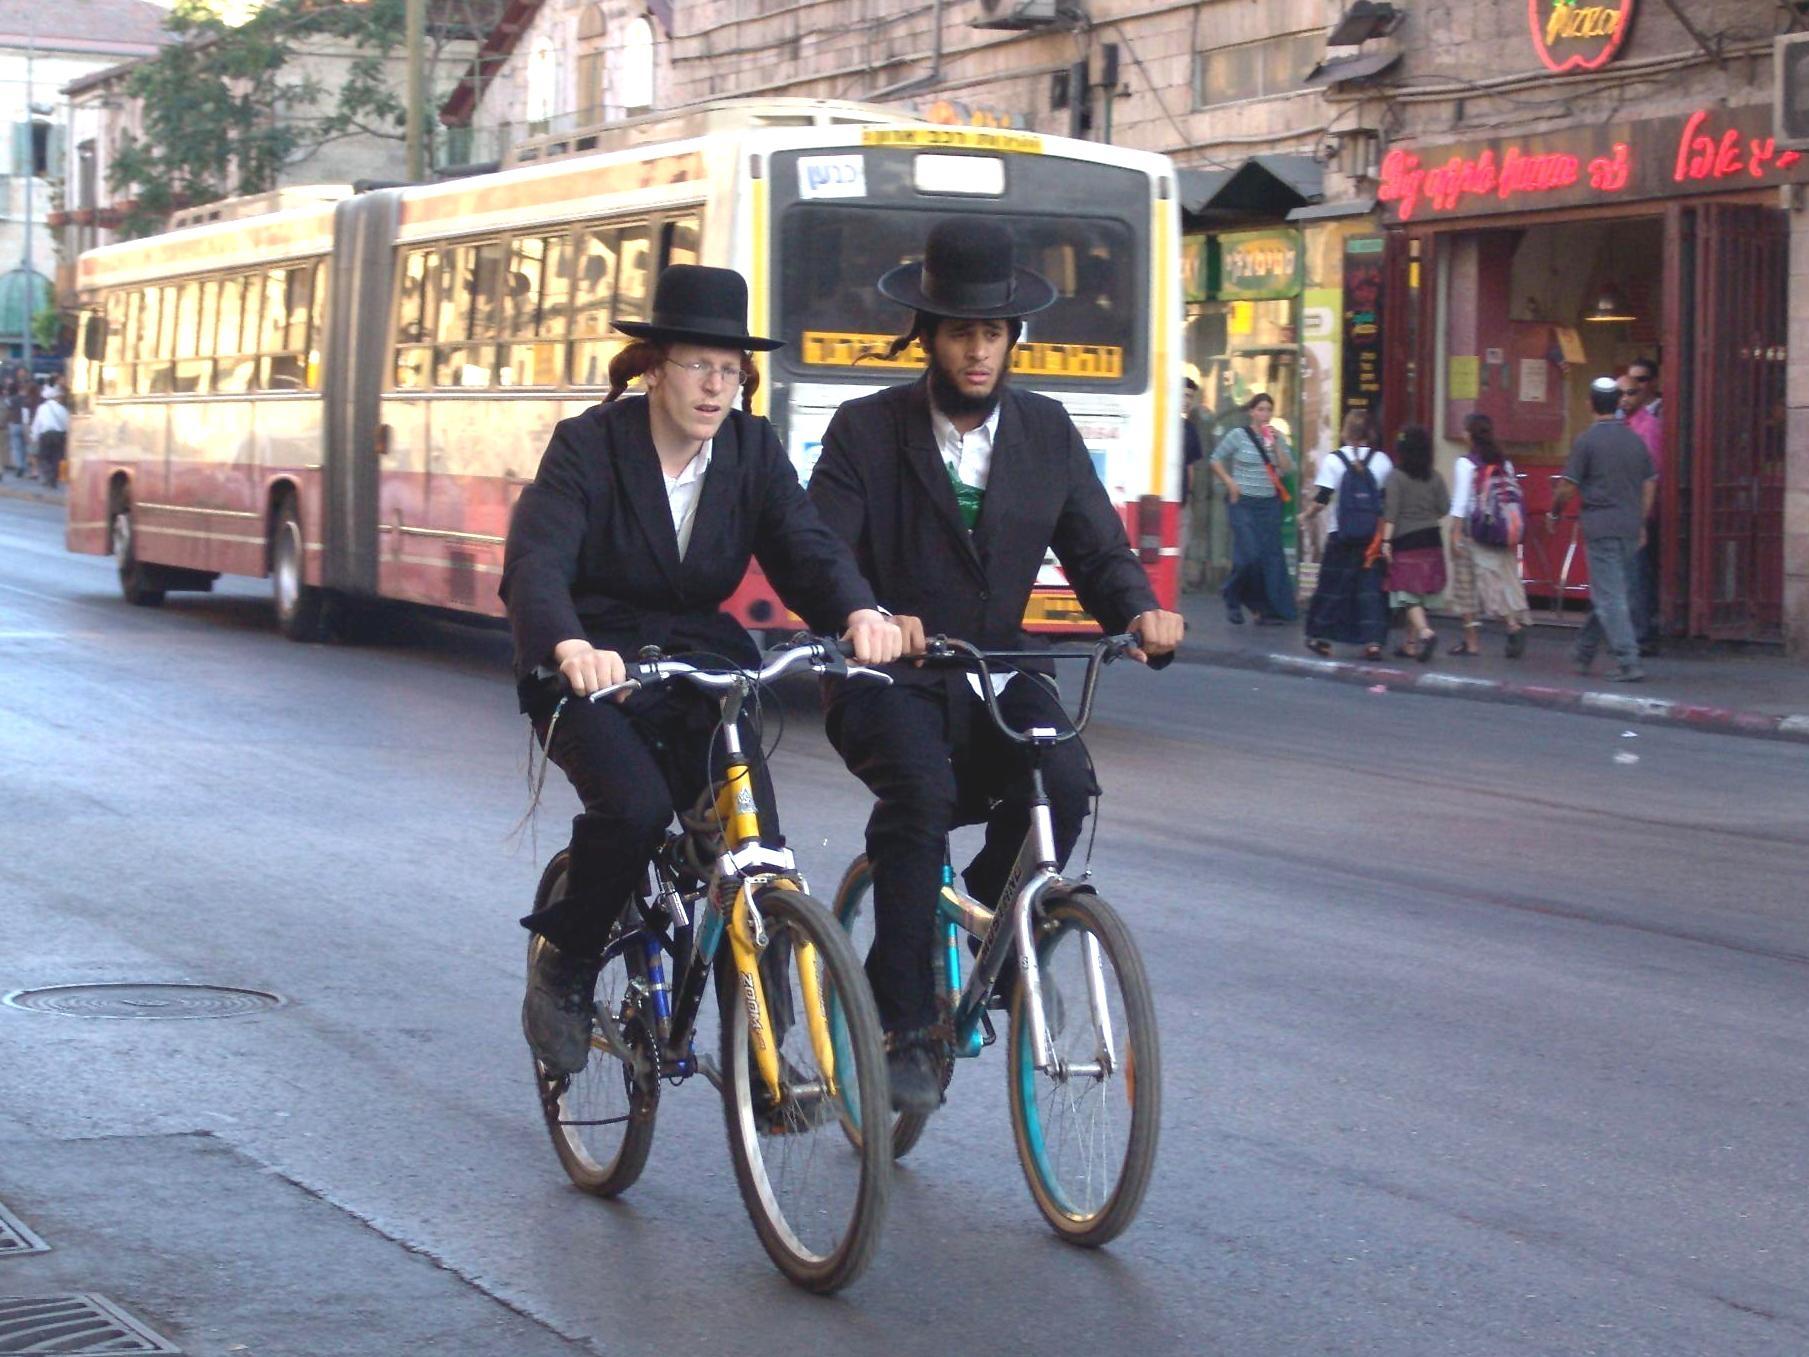 סכנת נפשות: ילדים על אופניים